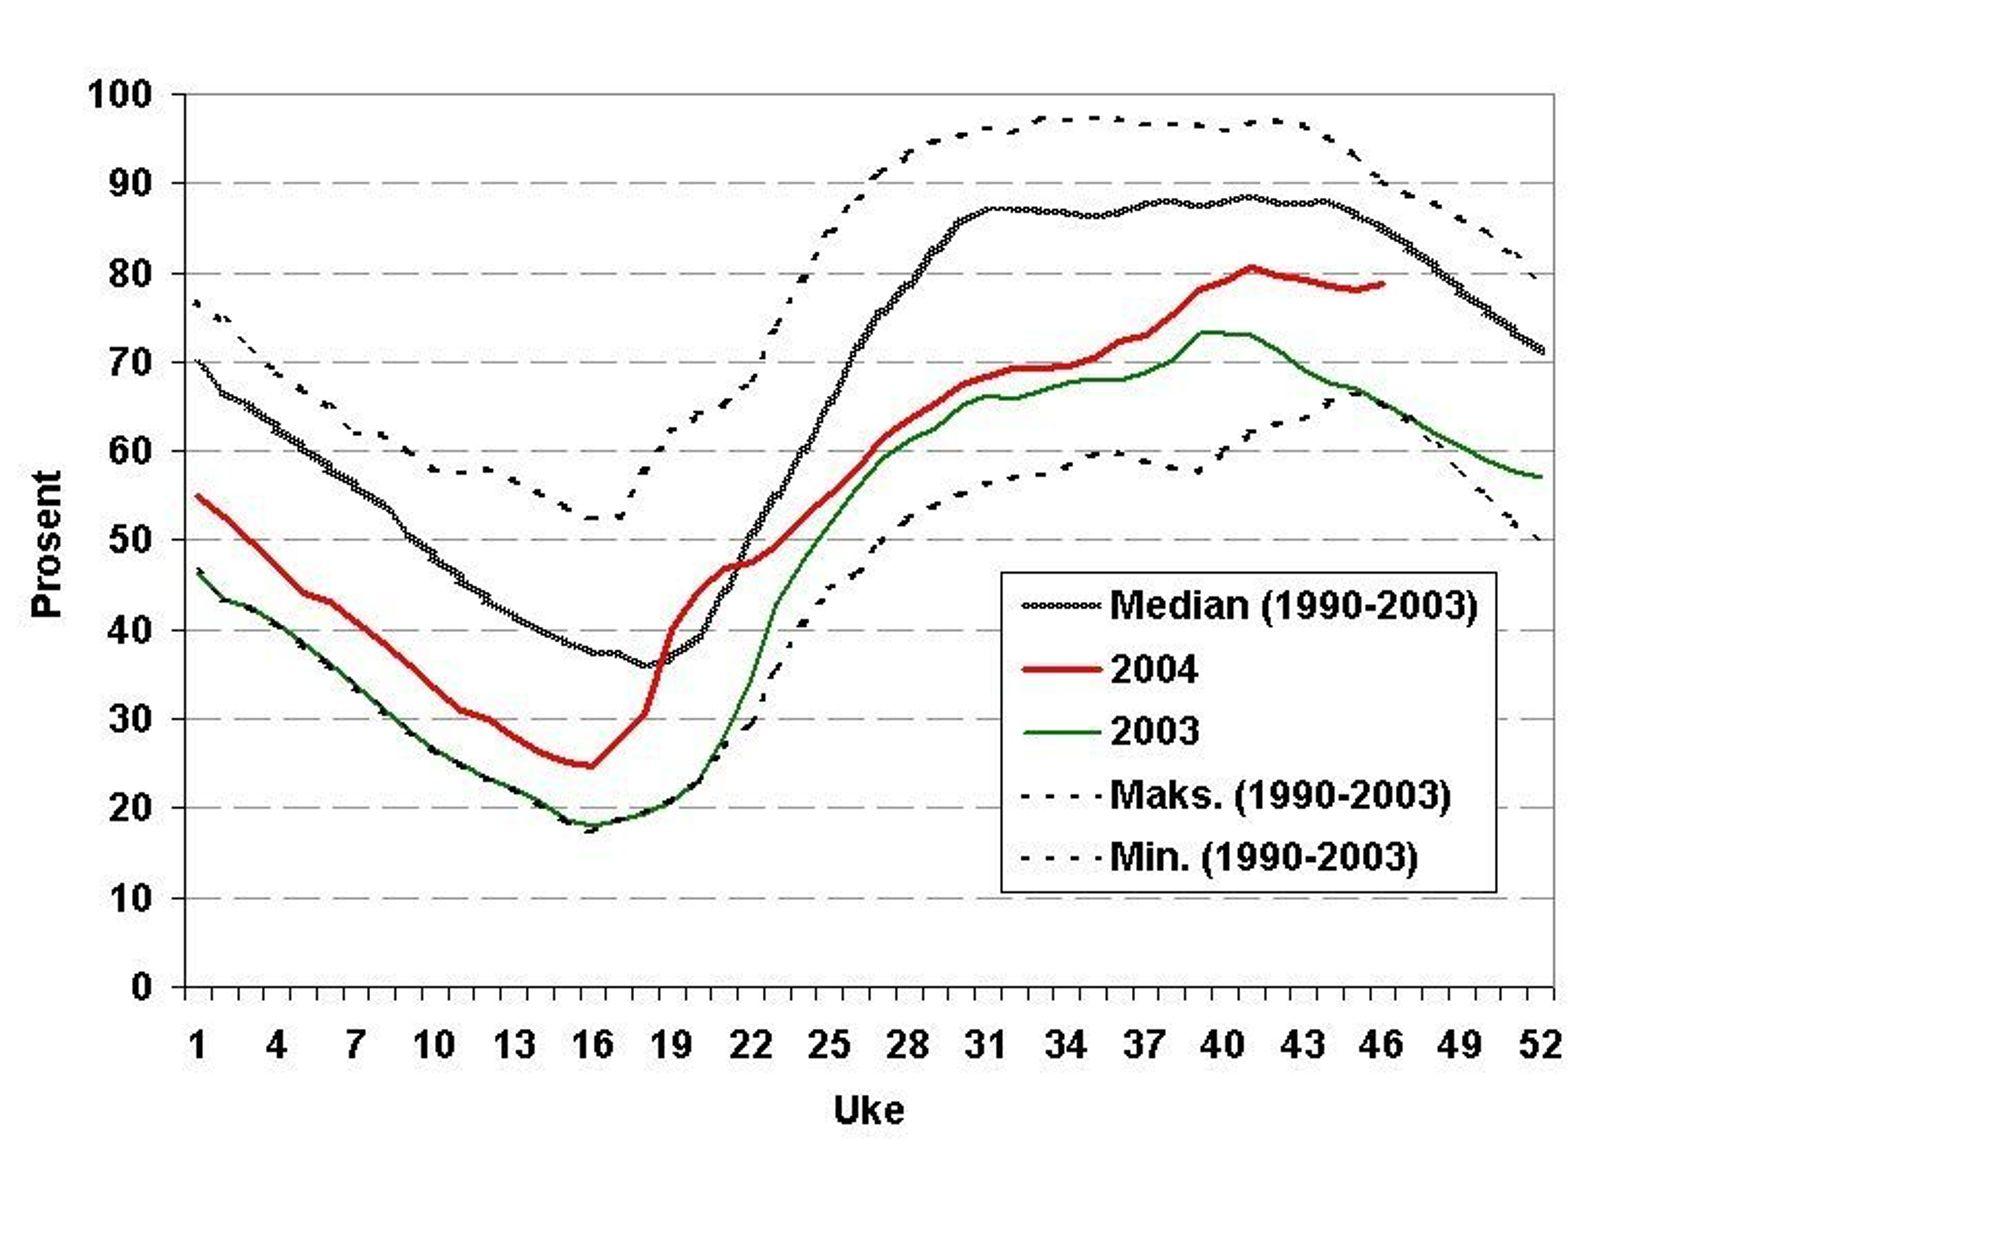 NESTEN NORMALT: Fyllingsgraden for starten av uke 47 var 78,7 prosent. Medianverdien for fyllingsgraden på tilsvarende tidspunkt for årene 1990-2003 var 85,2 prosent.ILL: NVE: